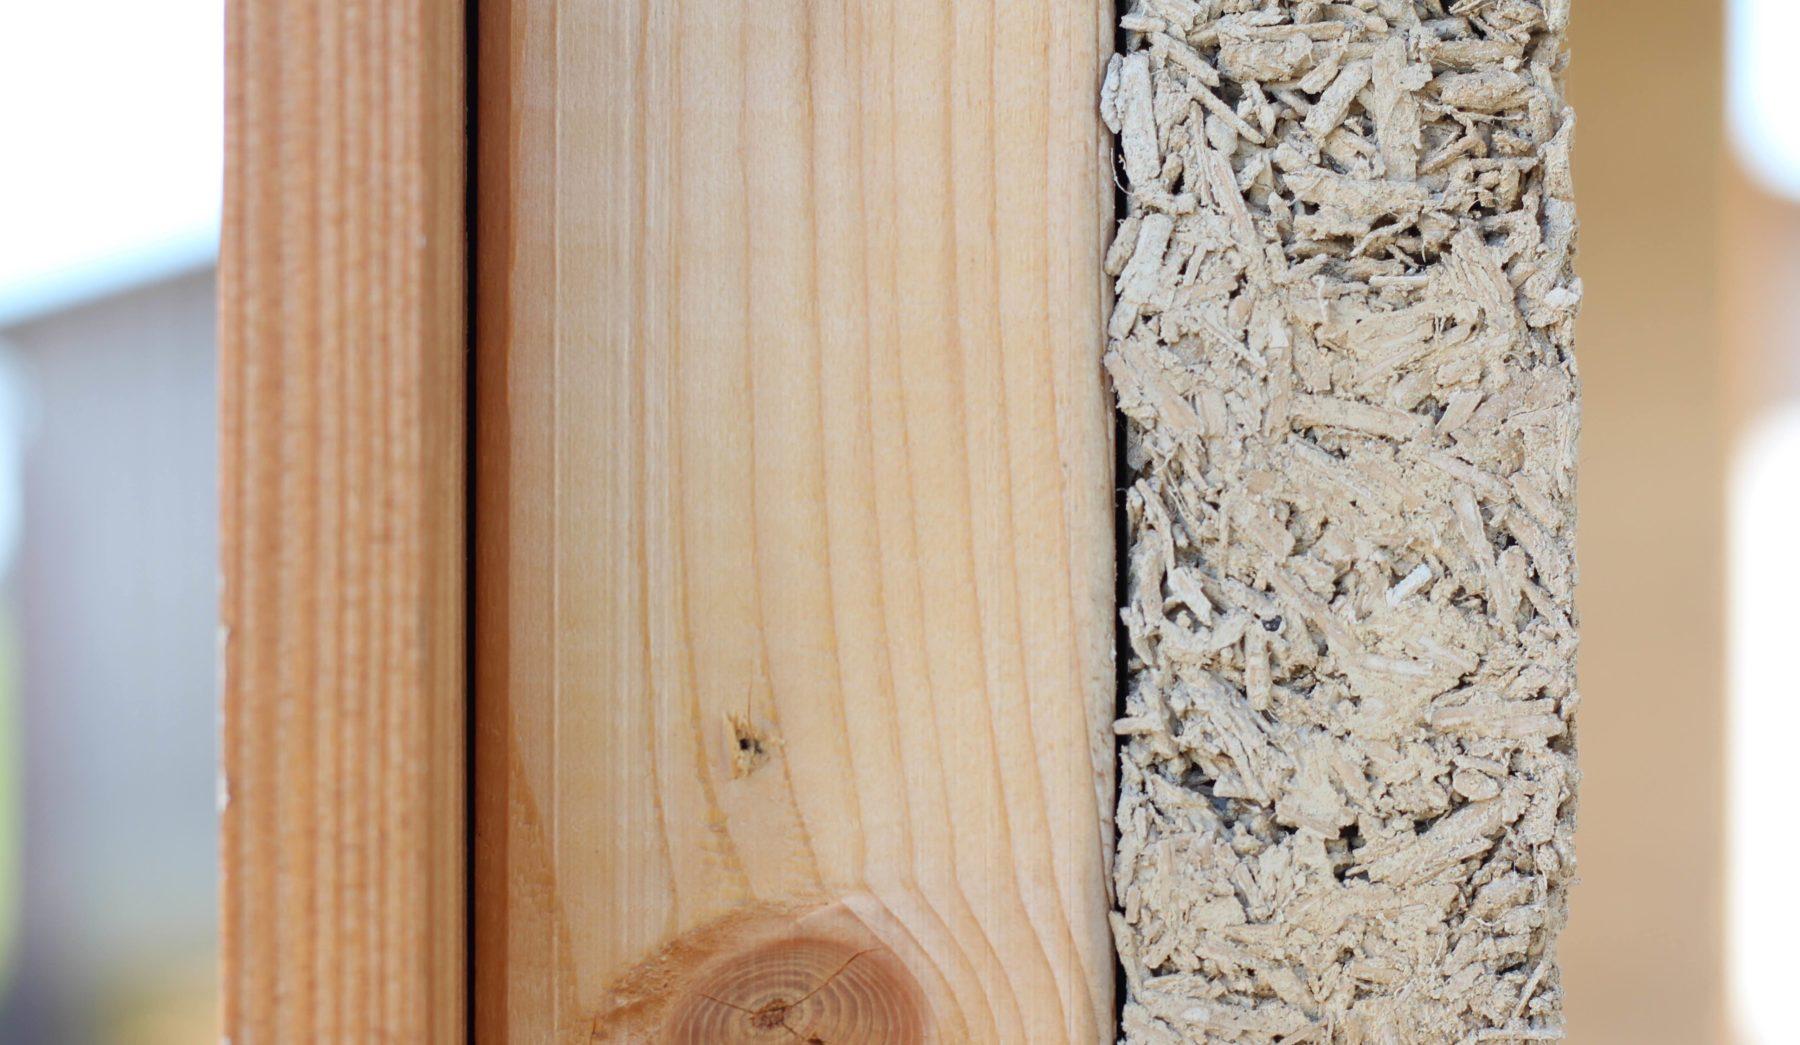 Das relativ poröse Material bietet eine hervorragende Wärmedämmung.  Foto: www.hanfundkalk.de